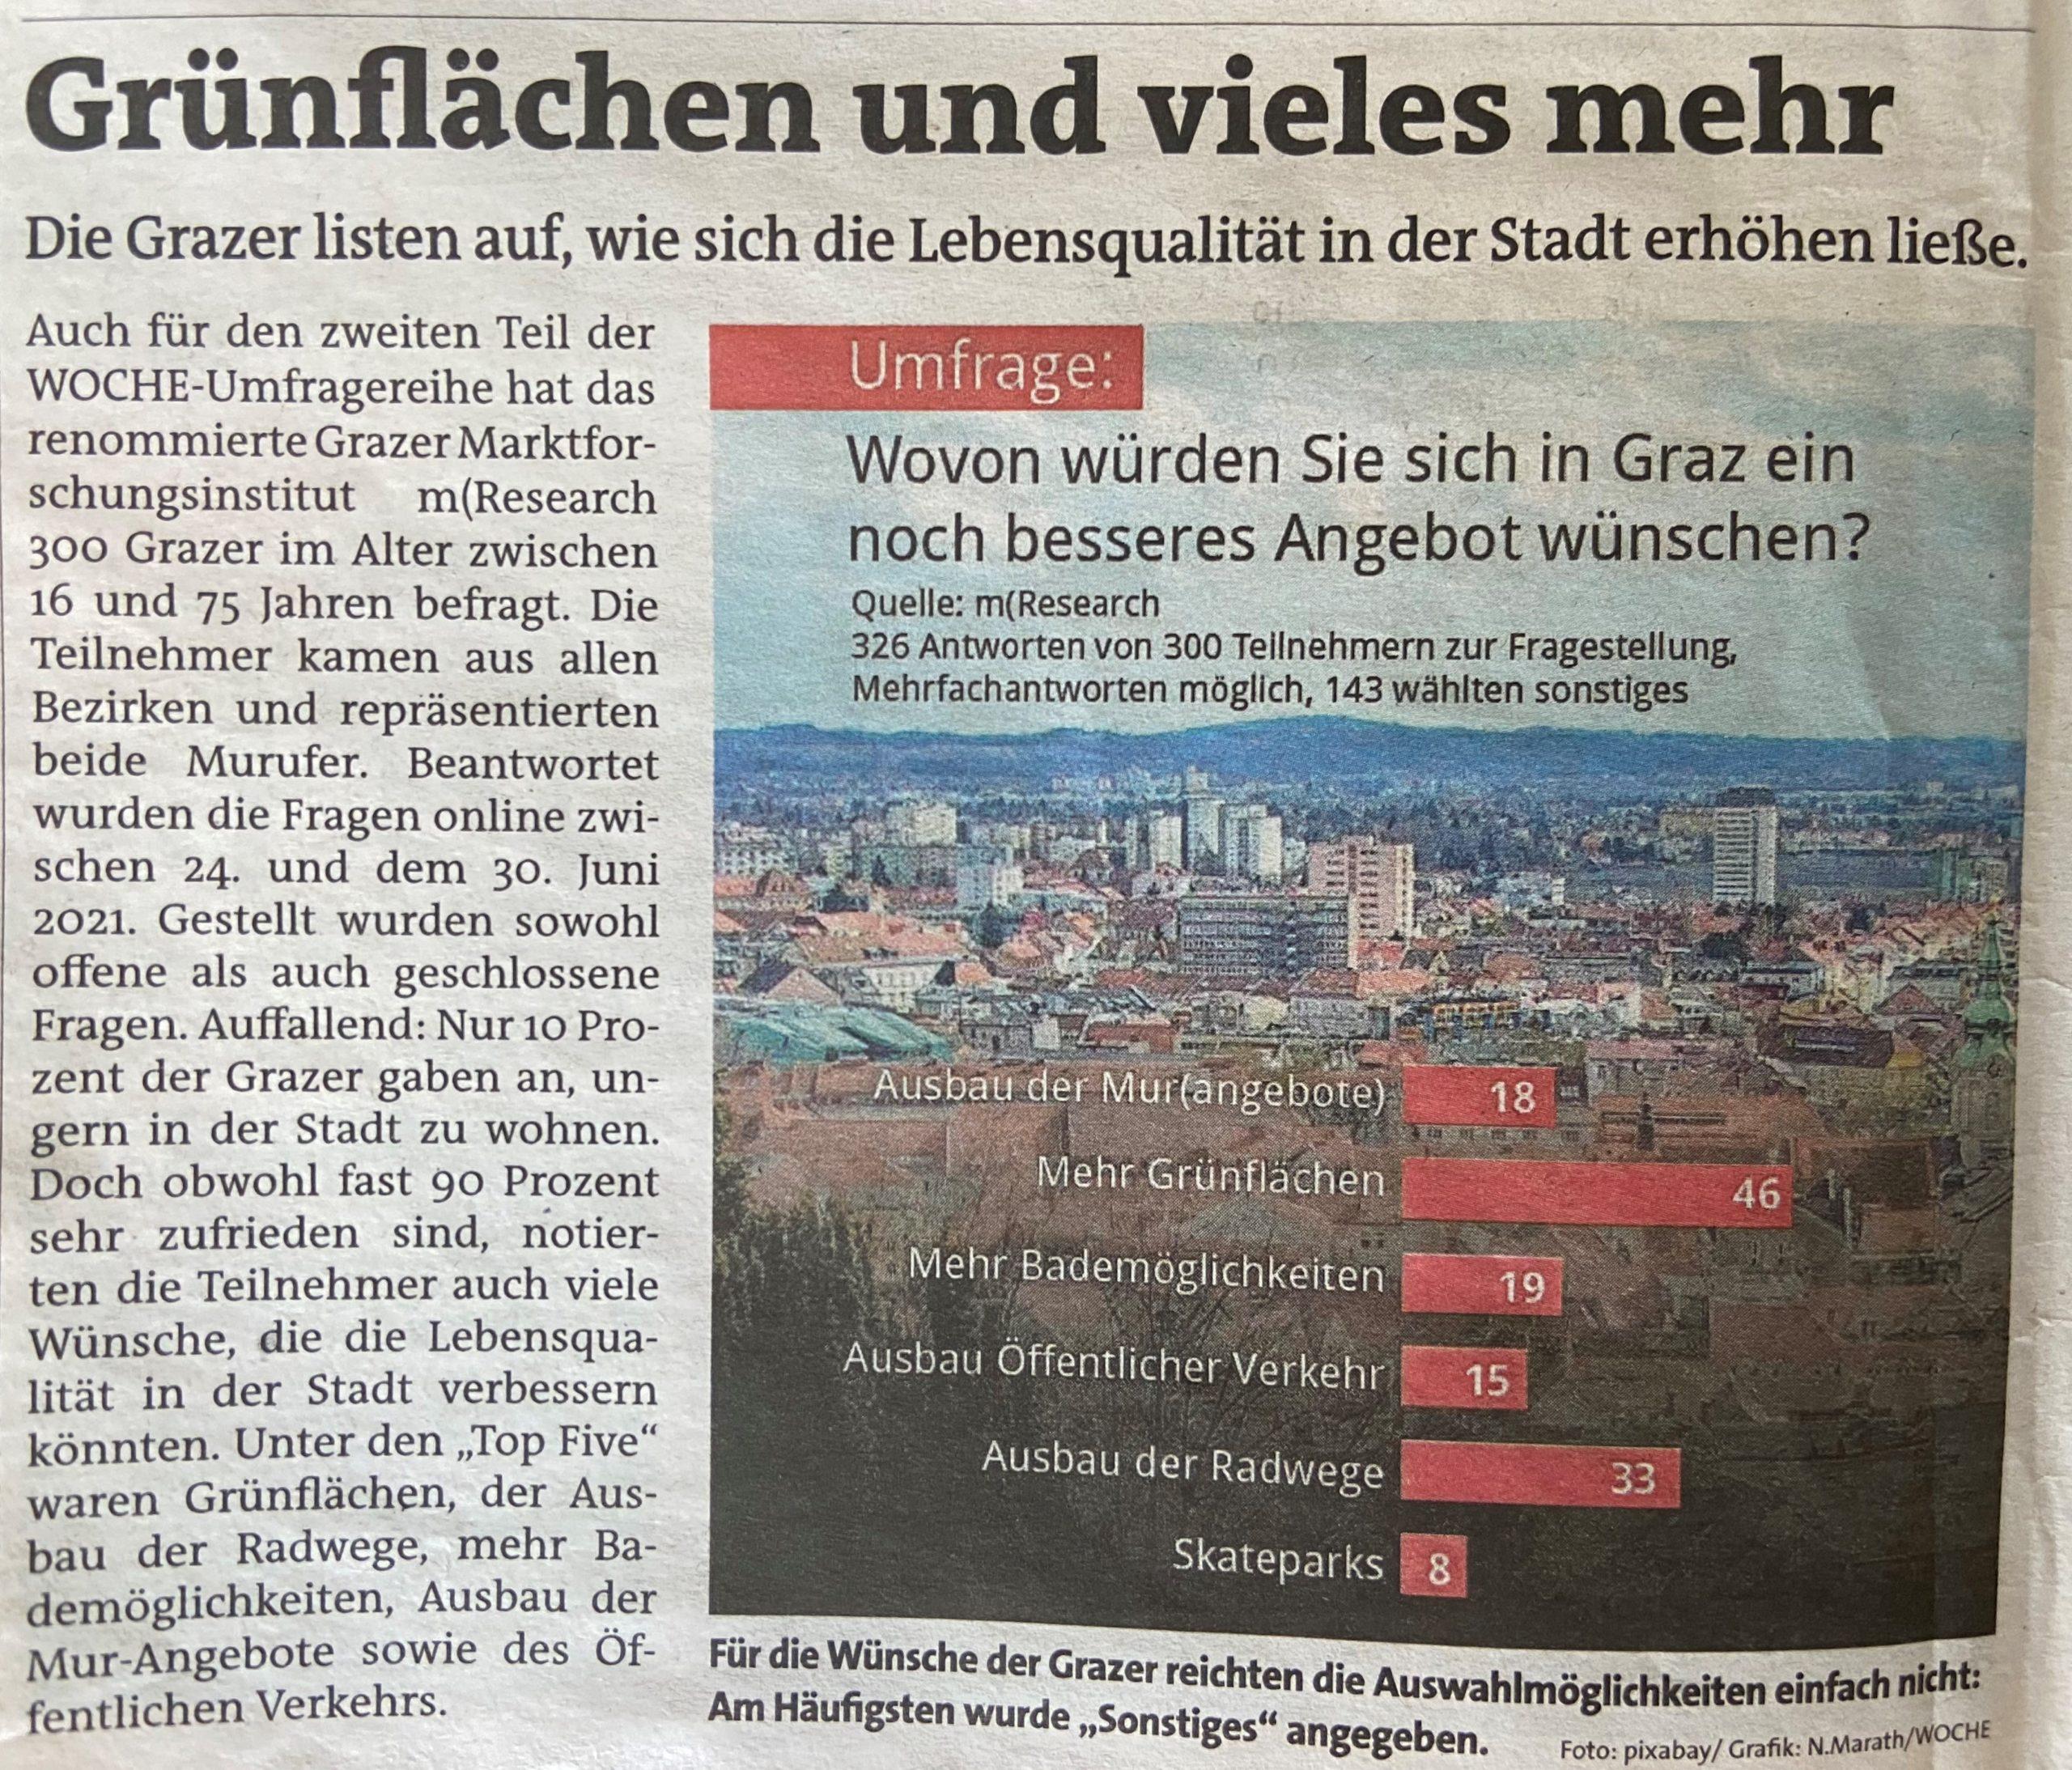 Graz Umfrage mresearch Lebensqualität